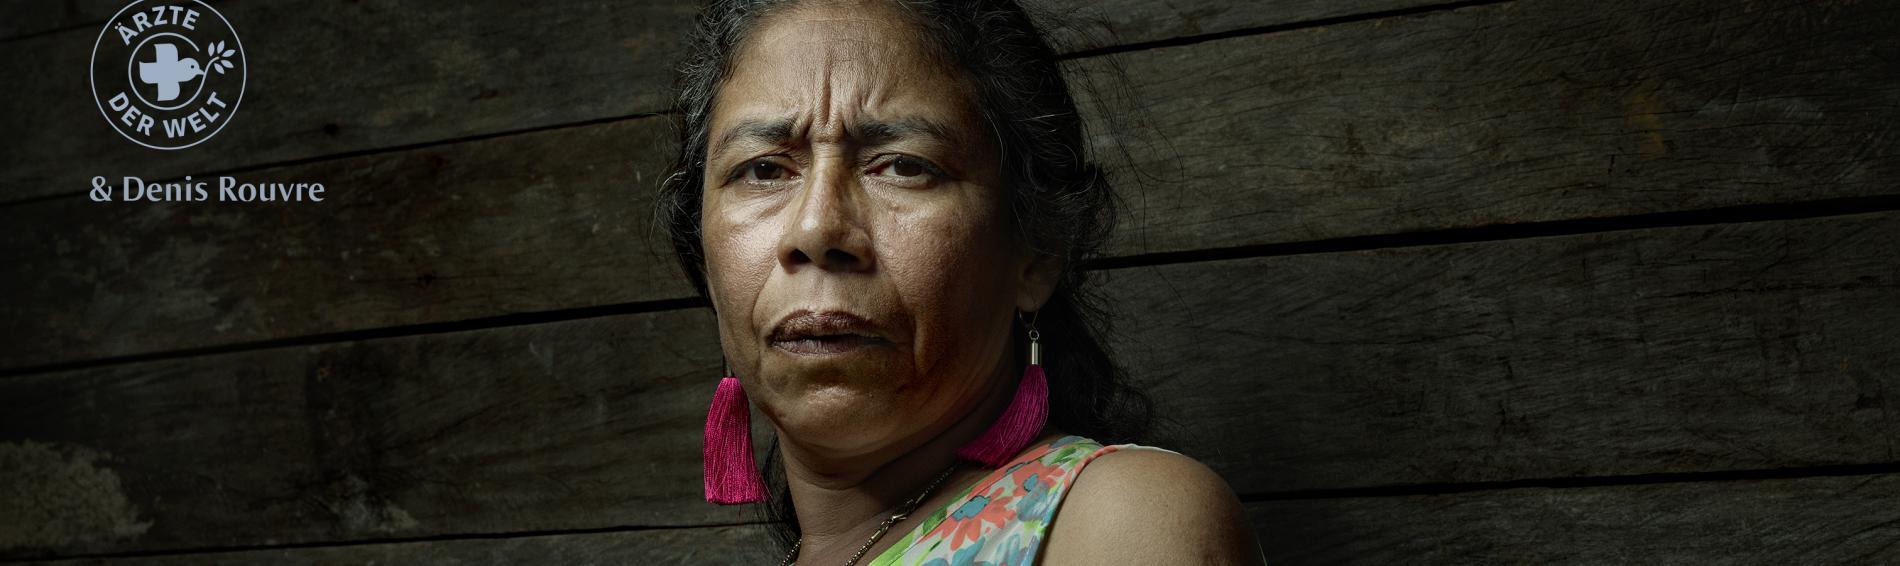 """""""Früher dachte ich, dass ich all das, was passiert ist, verdient hätte. Ich habe still gelitten und niemandem etwas gesagt."""" Die Kolumbianerin Diana Patricia Solís hat die Gewalt überlebt."""